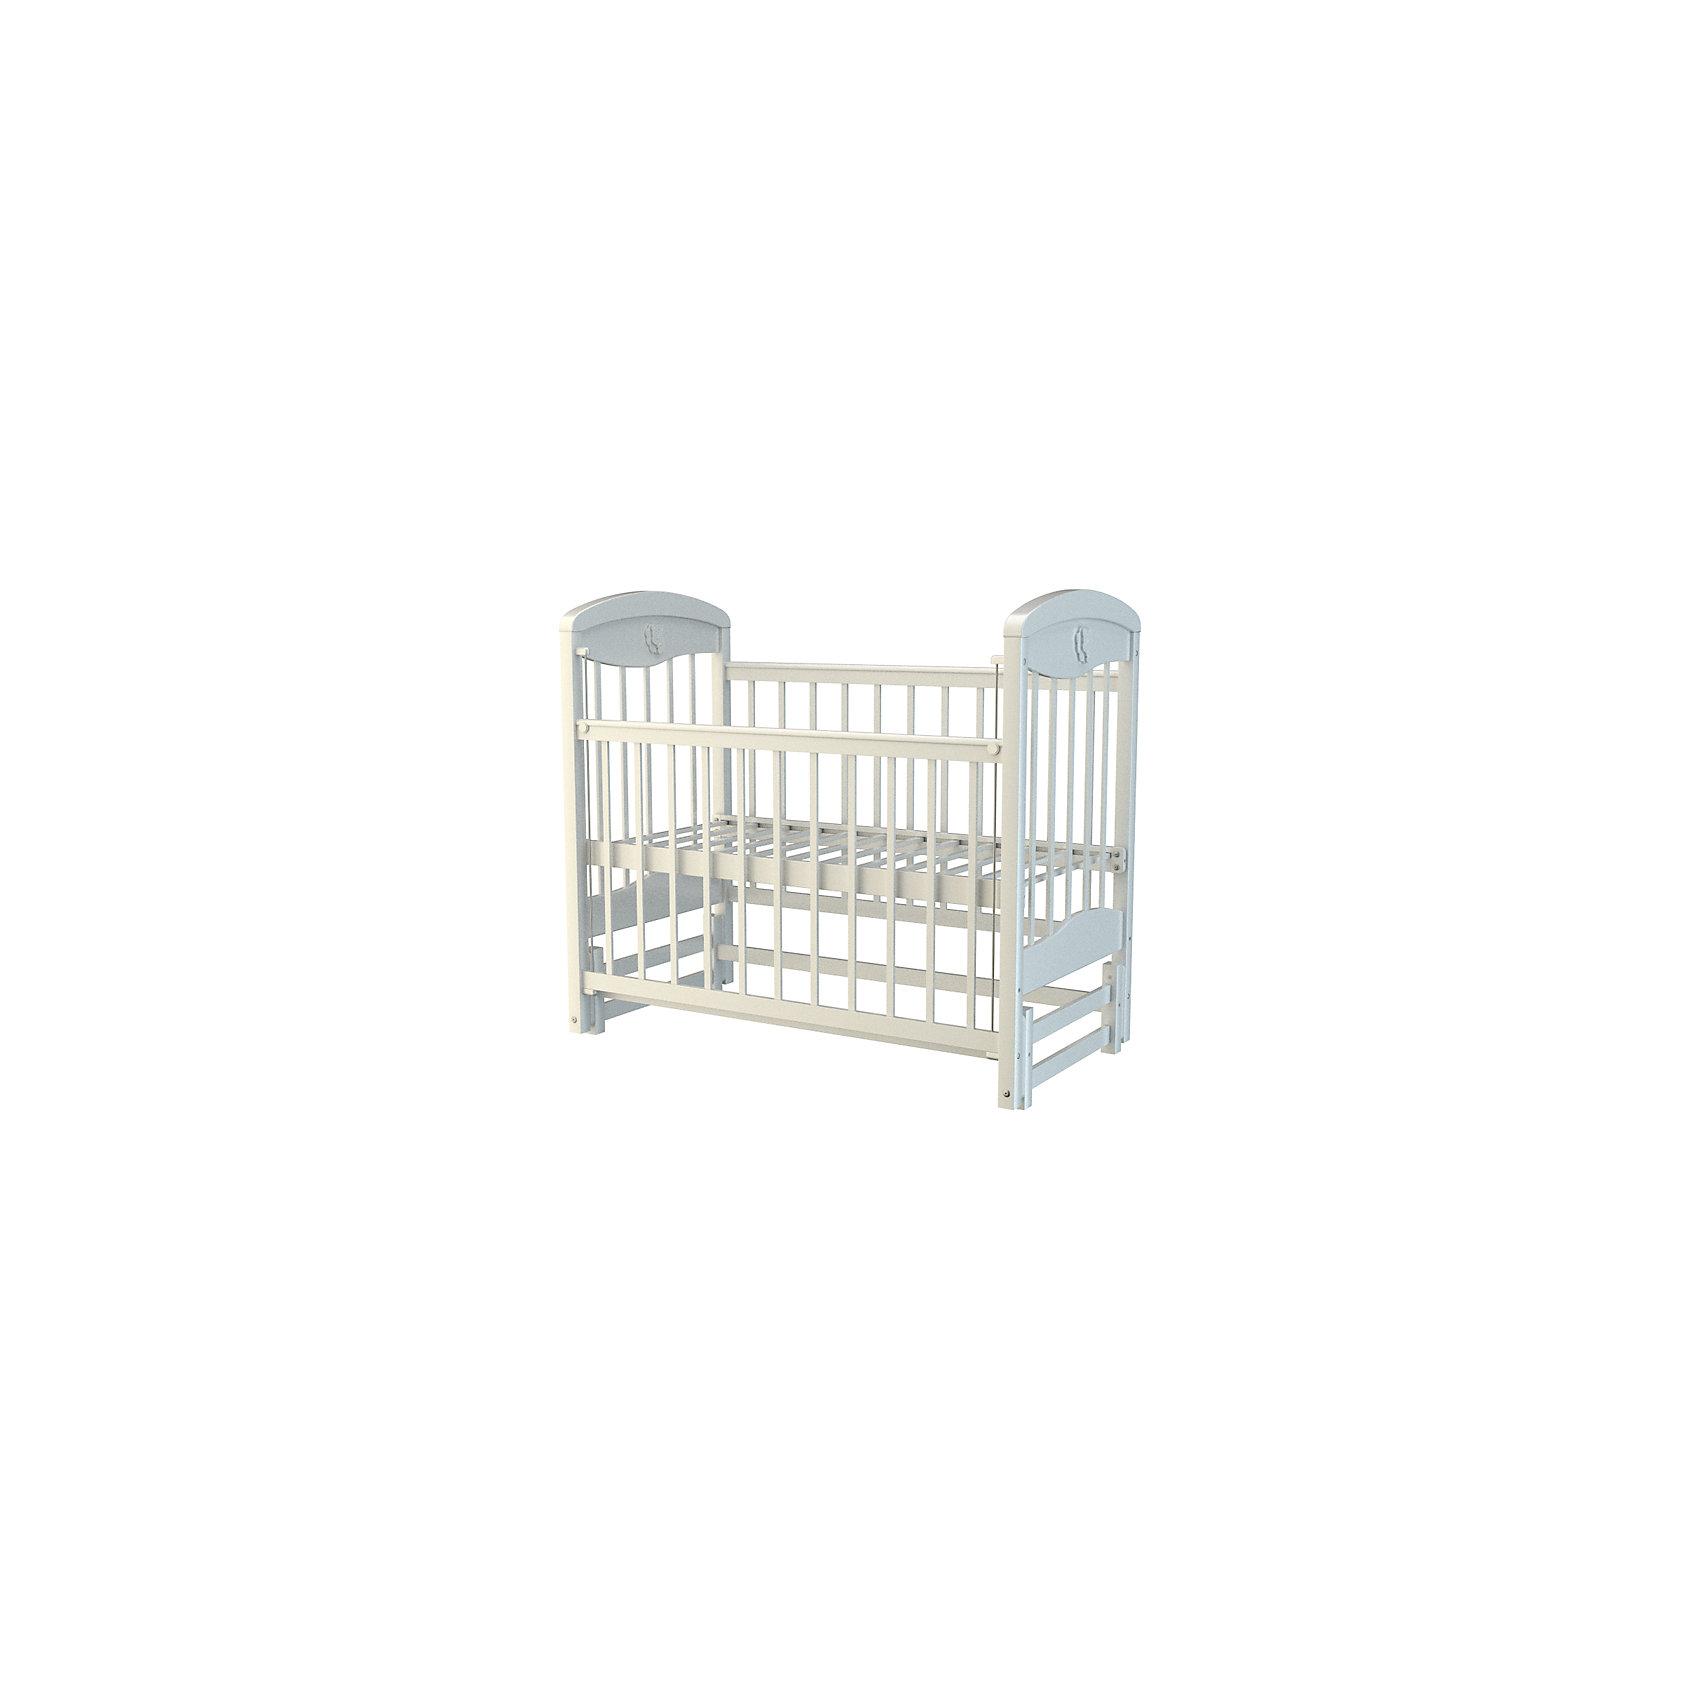 Кроватка 2, Briciola, белыйКроватки<br>Кроватка 2, Briciola, белый – это классическая комфортная детская кроватка с маятниковым механизмом продольного качания.<br>Детская кроватка от торговой марки Briciola (Бричиола) создана специально для малышей с первых дней жизни. Она изготовлена из экологически чистого материала - натурального березового массива, в производстве применяются исключительно безопасные лаки и краски, не содержащие токсинов и не вызывающие аллергию. Основание ложа ортопедическое, что крайне важно для растущего организма младенца. Спальное место регулируется по высоте в двух положениях, позволяя подстроить кровать под возрастные особенности крохи. Передняя стенка опускается, что облегчает доступ к малышу, при необходимости ее можно снять. Силиконовые накладки защитят ребенка от травм, а в то время, когда у него будут резаться зубки кроватку от царапин. Выпуклые и острые части отсутствуют, поэтому малыш не поранится. Стенки реечные. Боковые ламели располагаются друг от друга на таком расстоянии, чтобы между ними не застревали конечности малыша. Маятниковый механизм продольного качания делает процедуру укладывания малыша спать очень простой и легкой для родителей. Есть возможность трансформации кроватки в диванчик. Кроватка от торговой марки Briciola (Бричиола) белого цвета чудесно дополнит интерьер детской комнаты и позволит создать безопасное и уютное место для сна вашего малыша. Продукт сертифицирован, соответствует требуемым нормам качества и надежности эксплуатации.<br><br>Дополнительная информация:<br><br>- Размер спального места: 120х60 cм.<br>- Размер кровати: 123х114х67 см.<br>- Вес: 23 кг.<br>- Цвет: белый<br>- Материал кроватки: массив березы<br>- Материал защитных накладок: силикон<br>- Декоративные накладки Медвежонок на торцевых панелях<br>- Размер упаковки: 124х80х17 см.<br>- Вес упаковки: 25 кг.<br><br>Кроватку 2, Briciola, белую можно купить в нашем интернет-магазине.<br><br>Ширина мм: 1240<br>Глубина мм: 800<br>Высота мм: 170<br>Вес г